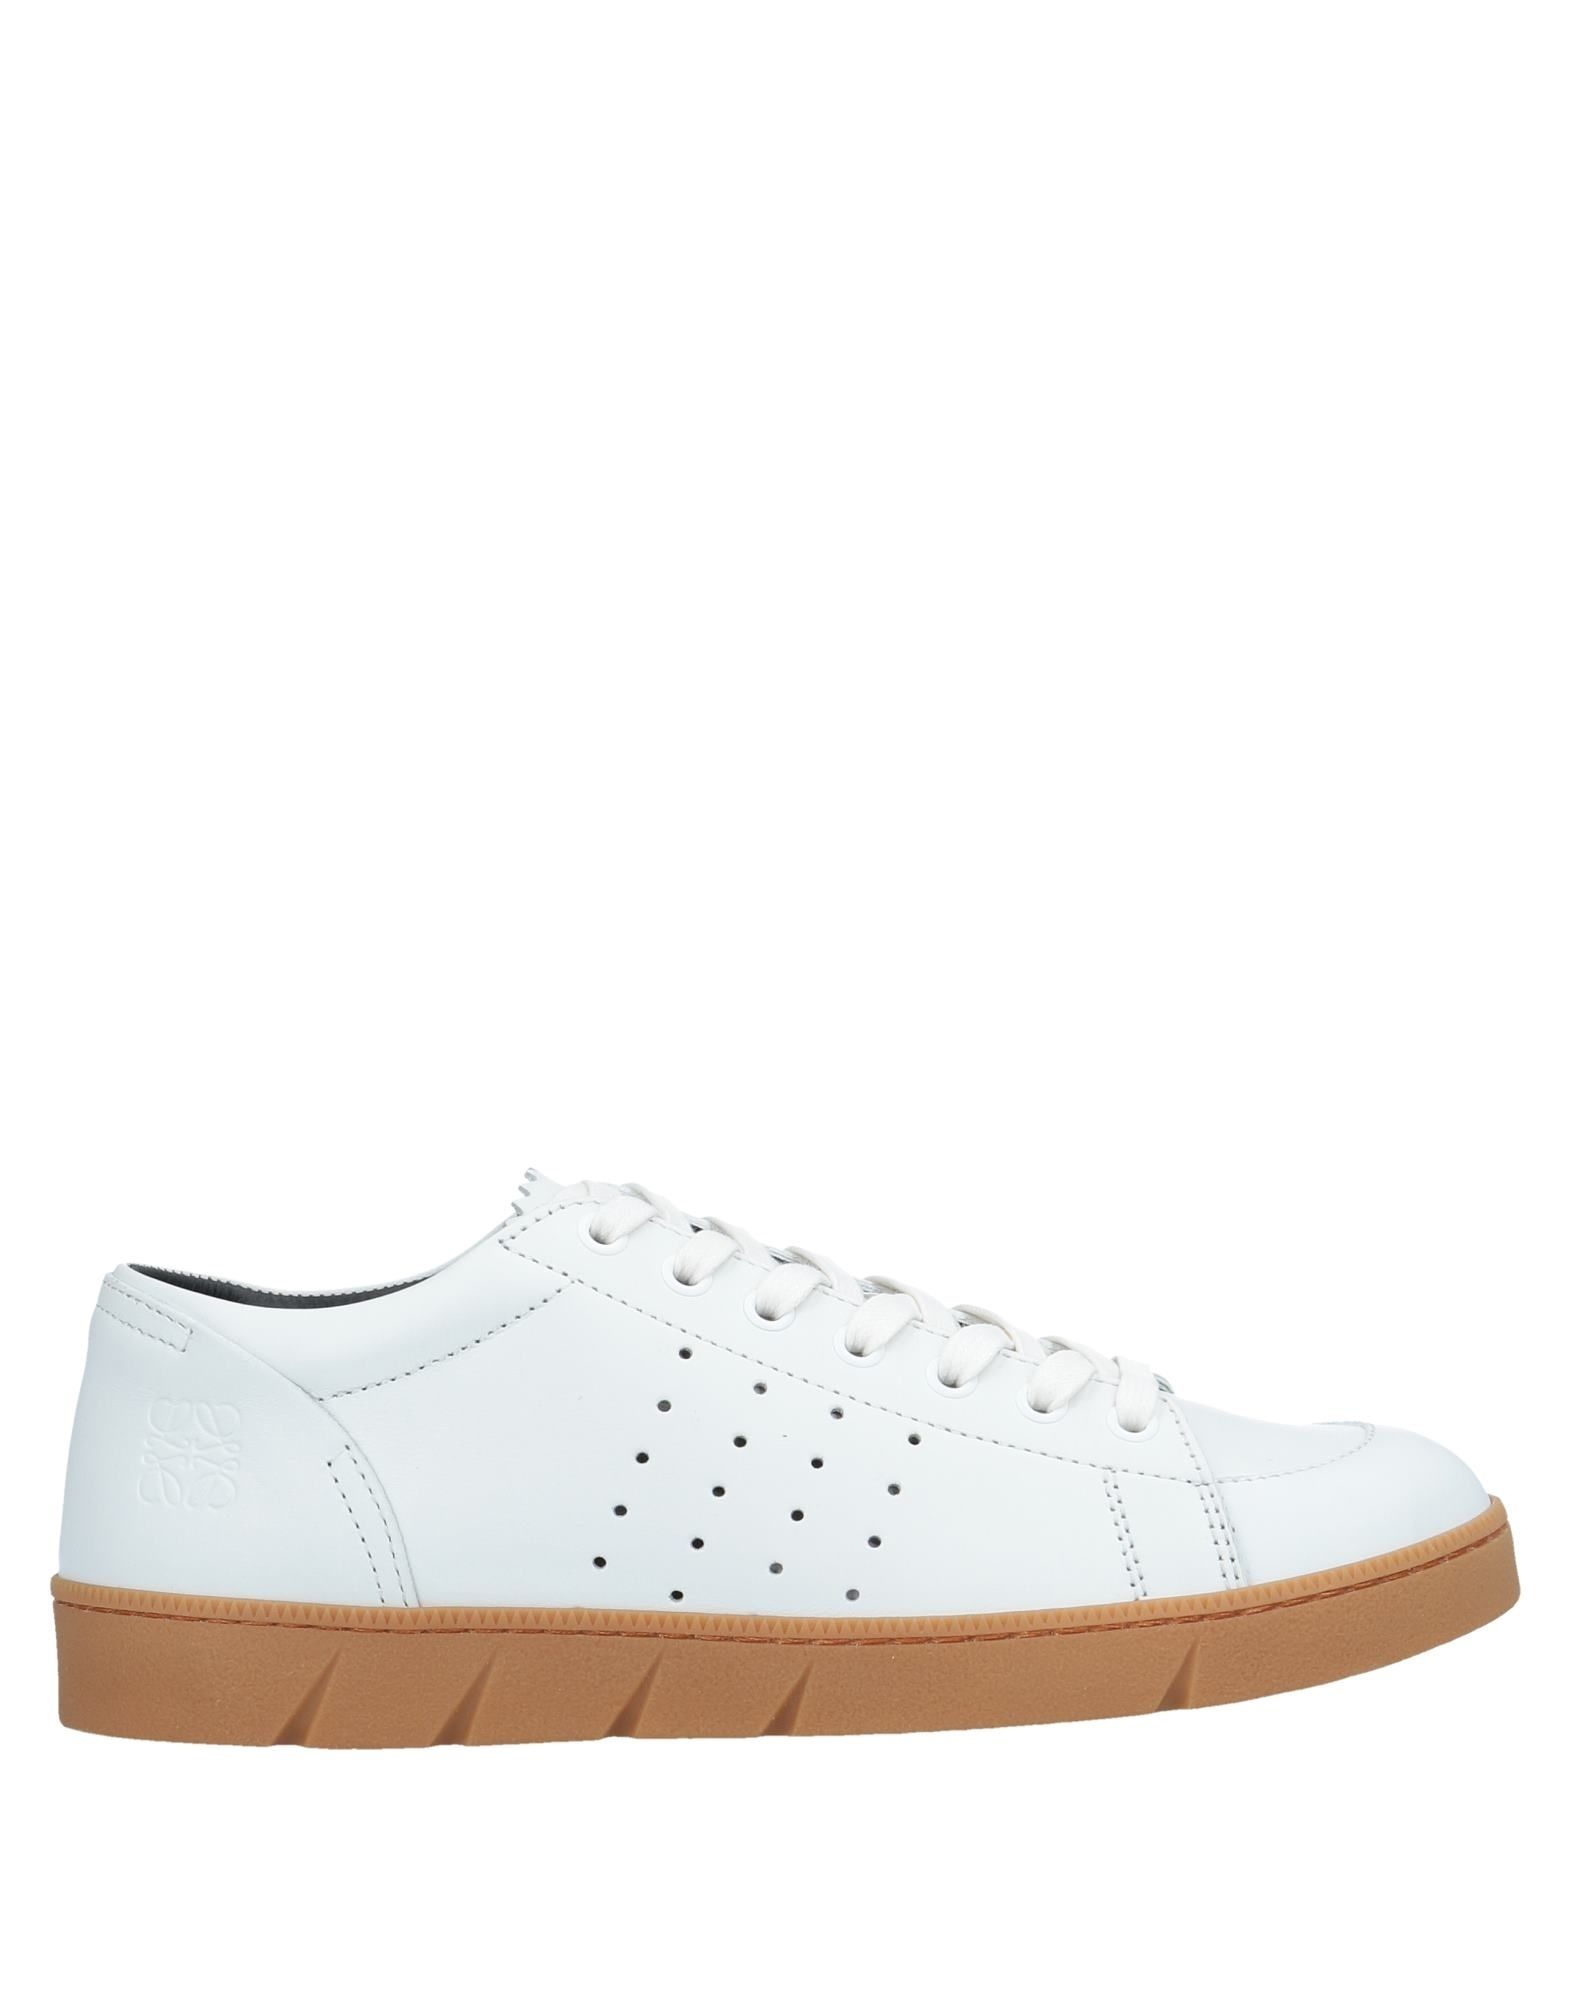 Loewe Sneakers online - Women Loewe Sneakers online Sneakers on  Australia - 11558062MK d20210